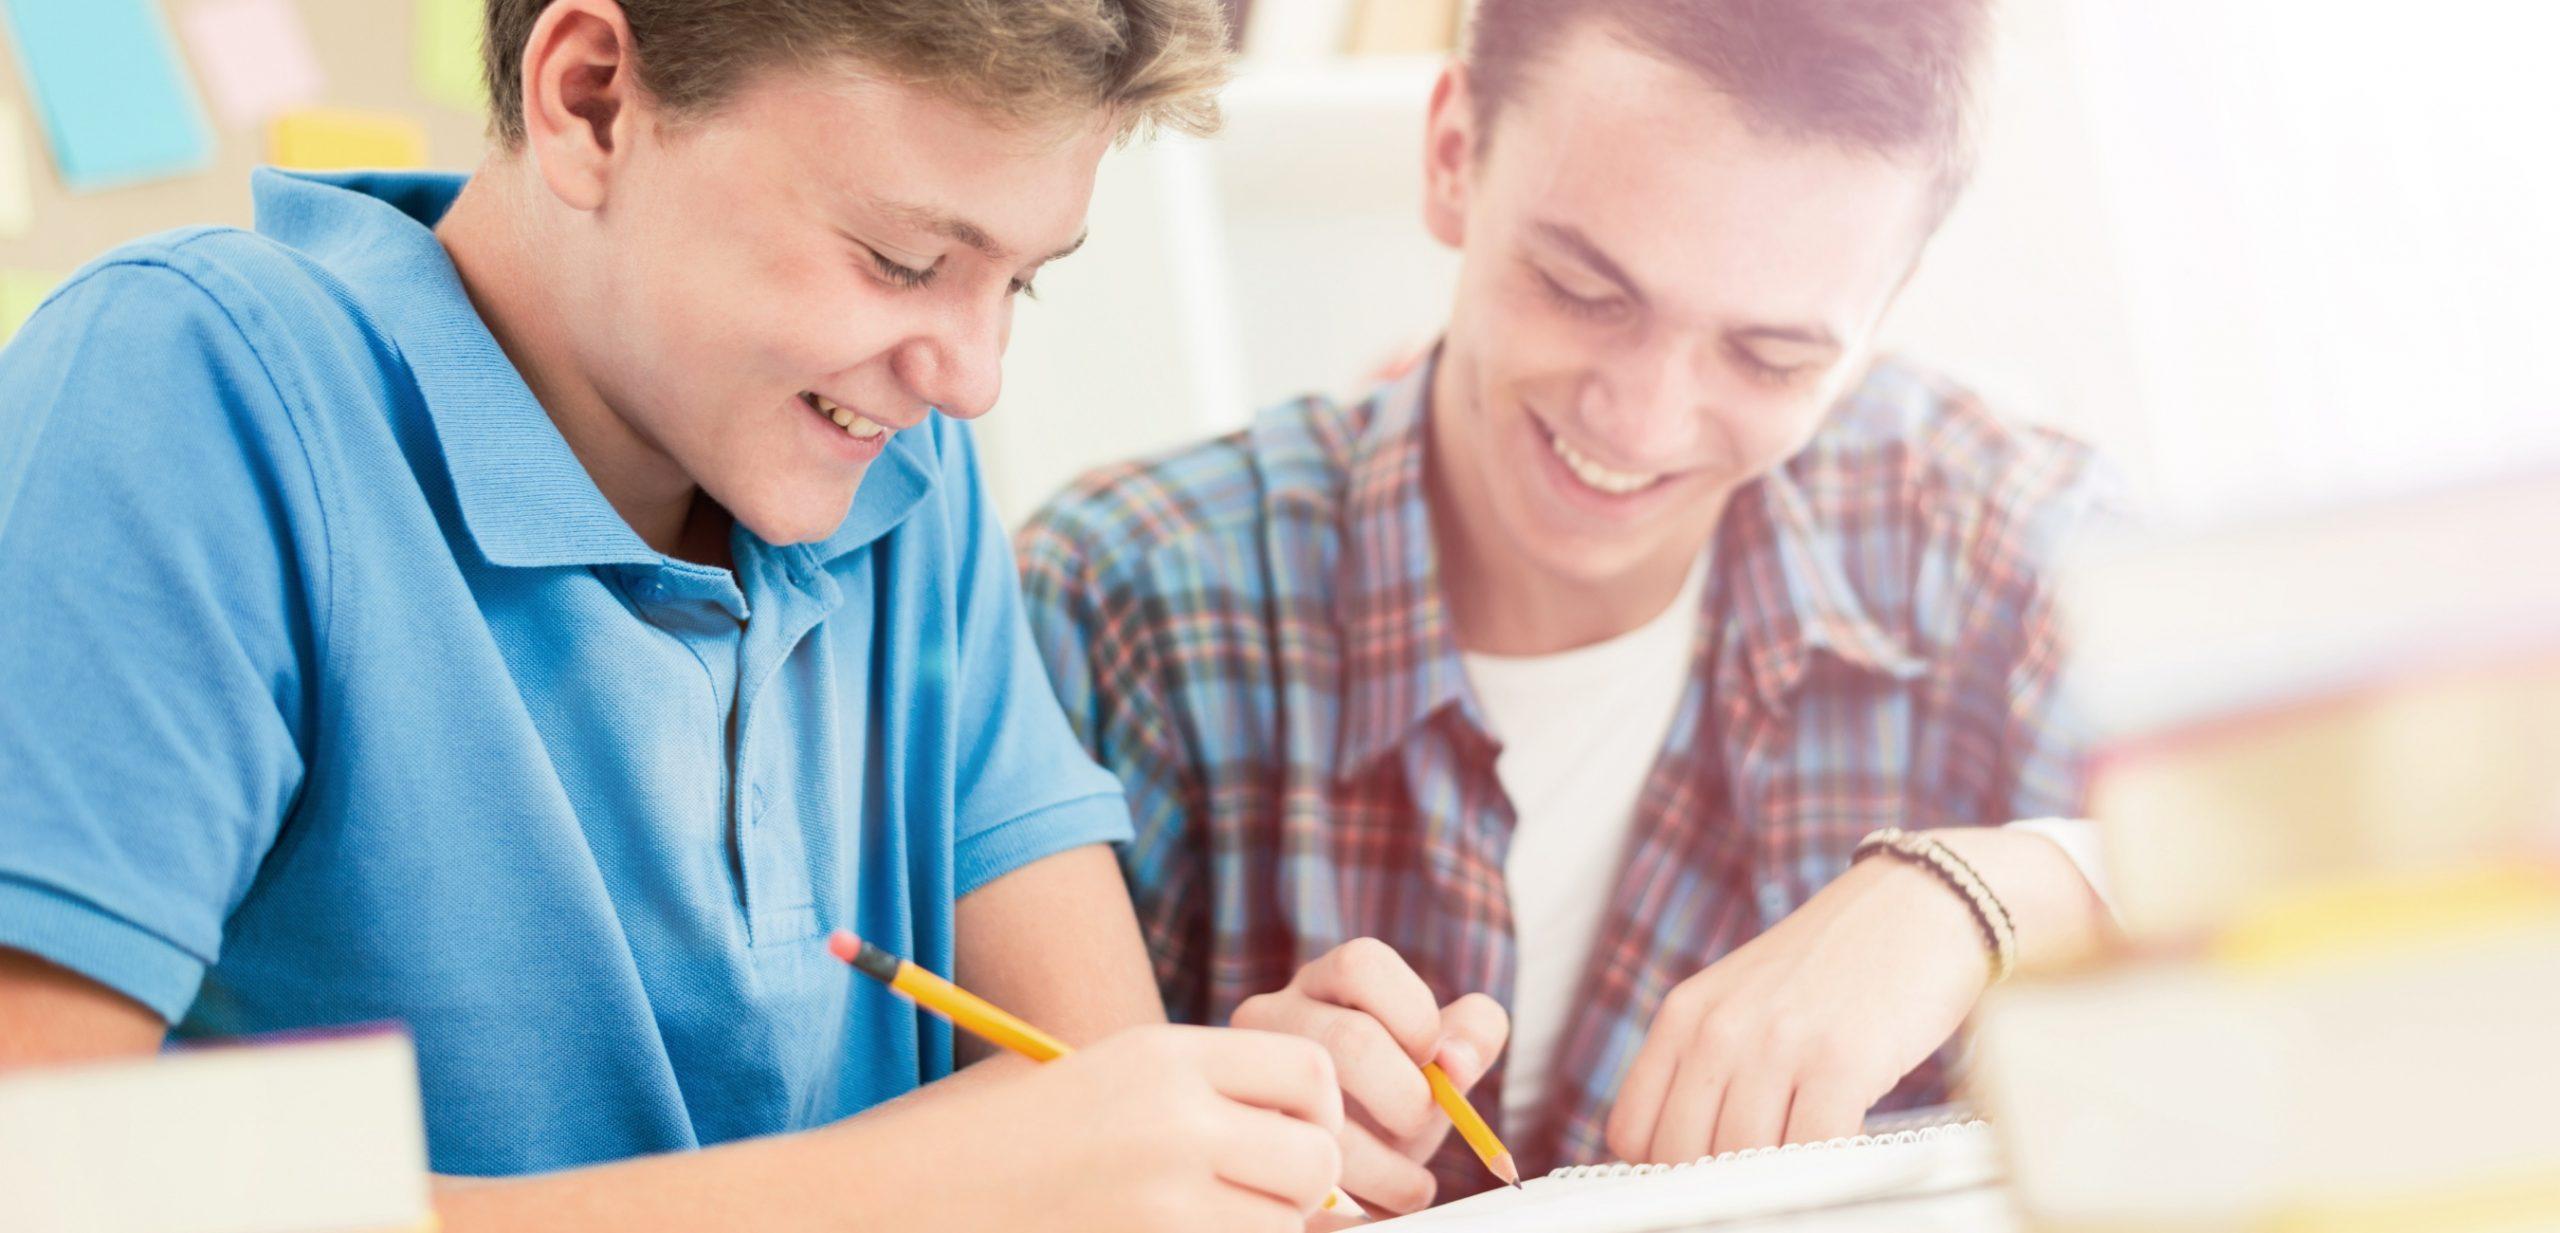 """Imagen de portada de sección """"Modelo educativo"""" en donde se ve a dos chicos sonriendo mientras estudian"""